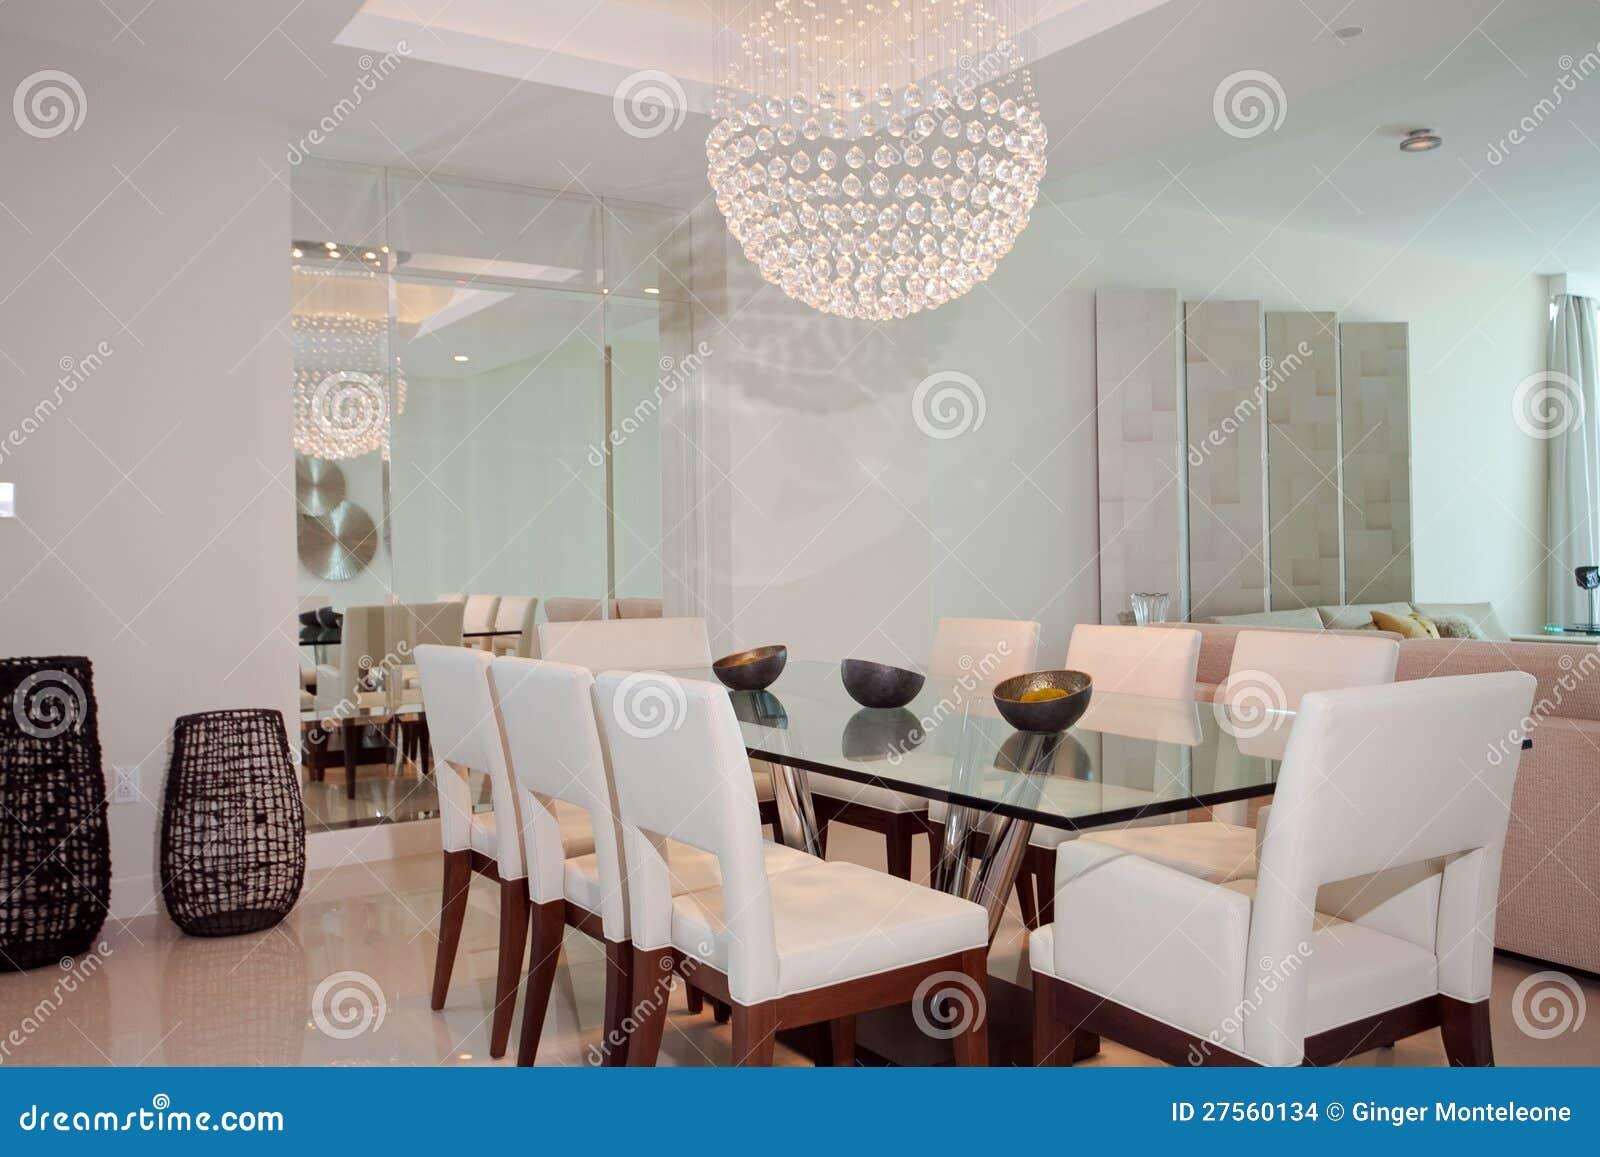 Sala Da Pranzo Di Lusso Immagini Stock Immagine: 27560134 #82A229 1300 957 Illuminare Sala Da Pranzo